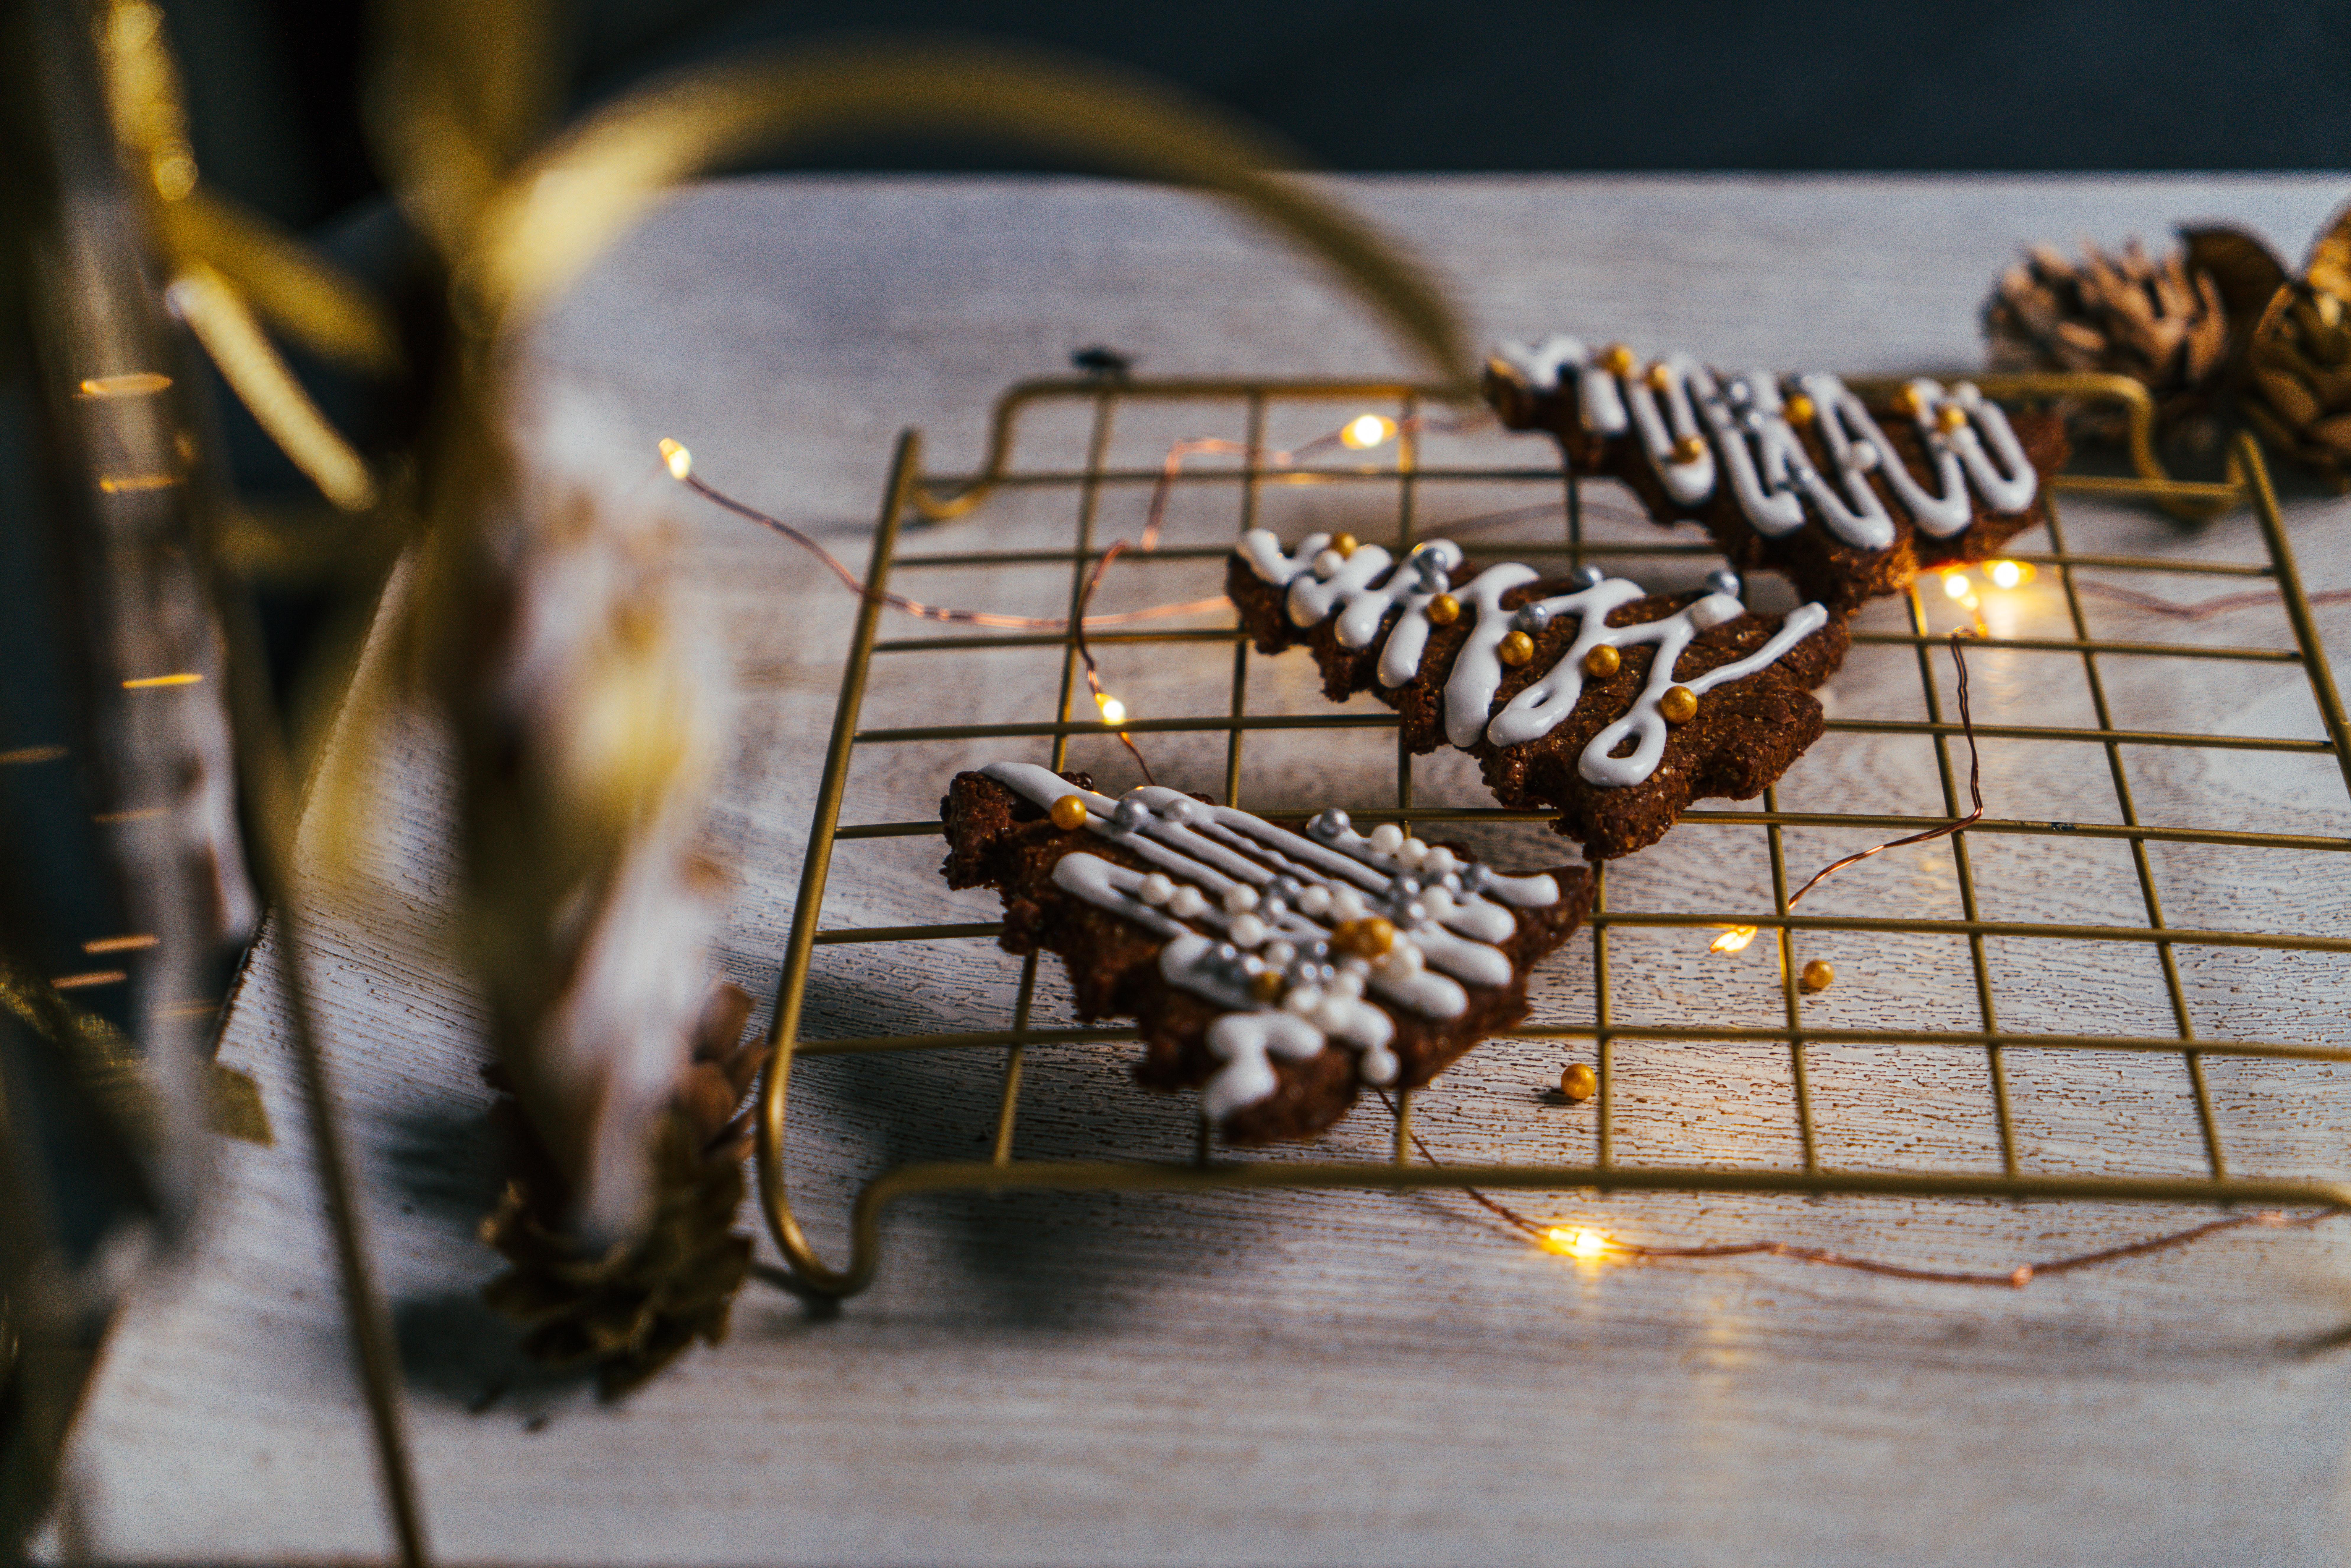 galletas navideñas adornadas con glaseado real y perlas decorativas, centro de mesa navideño DIY paso a paso